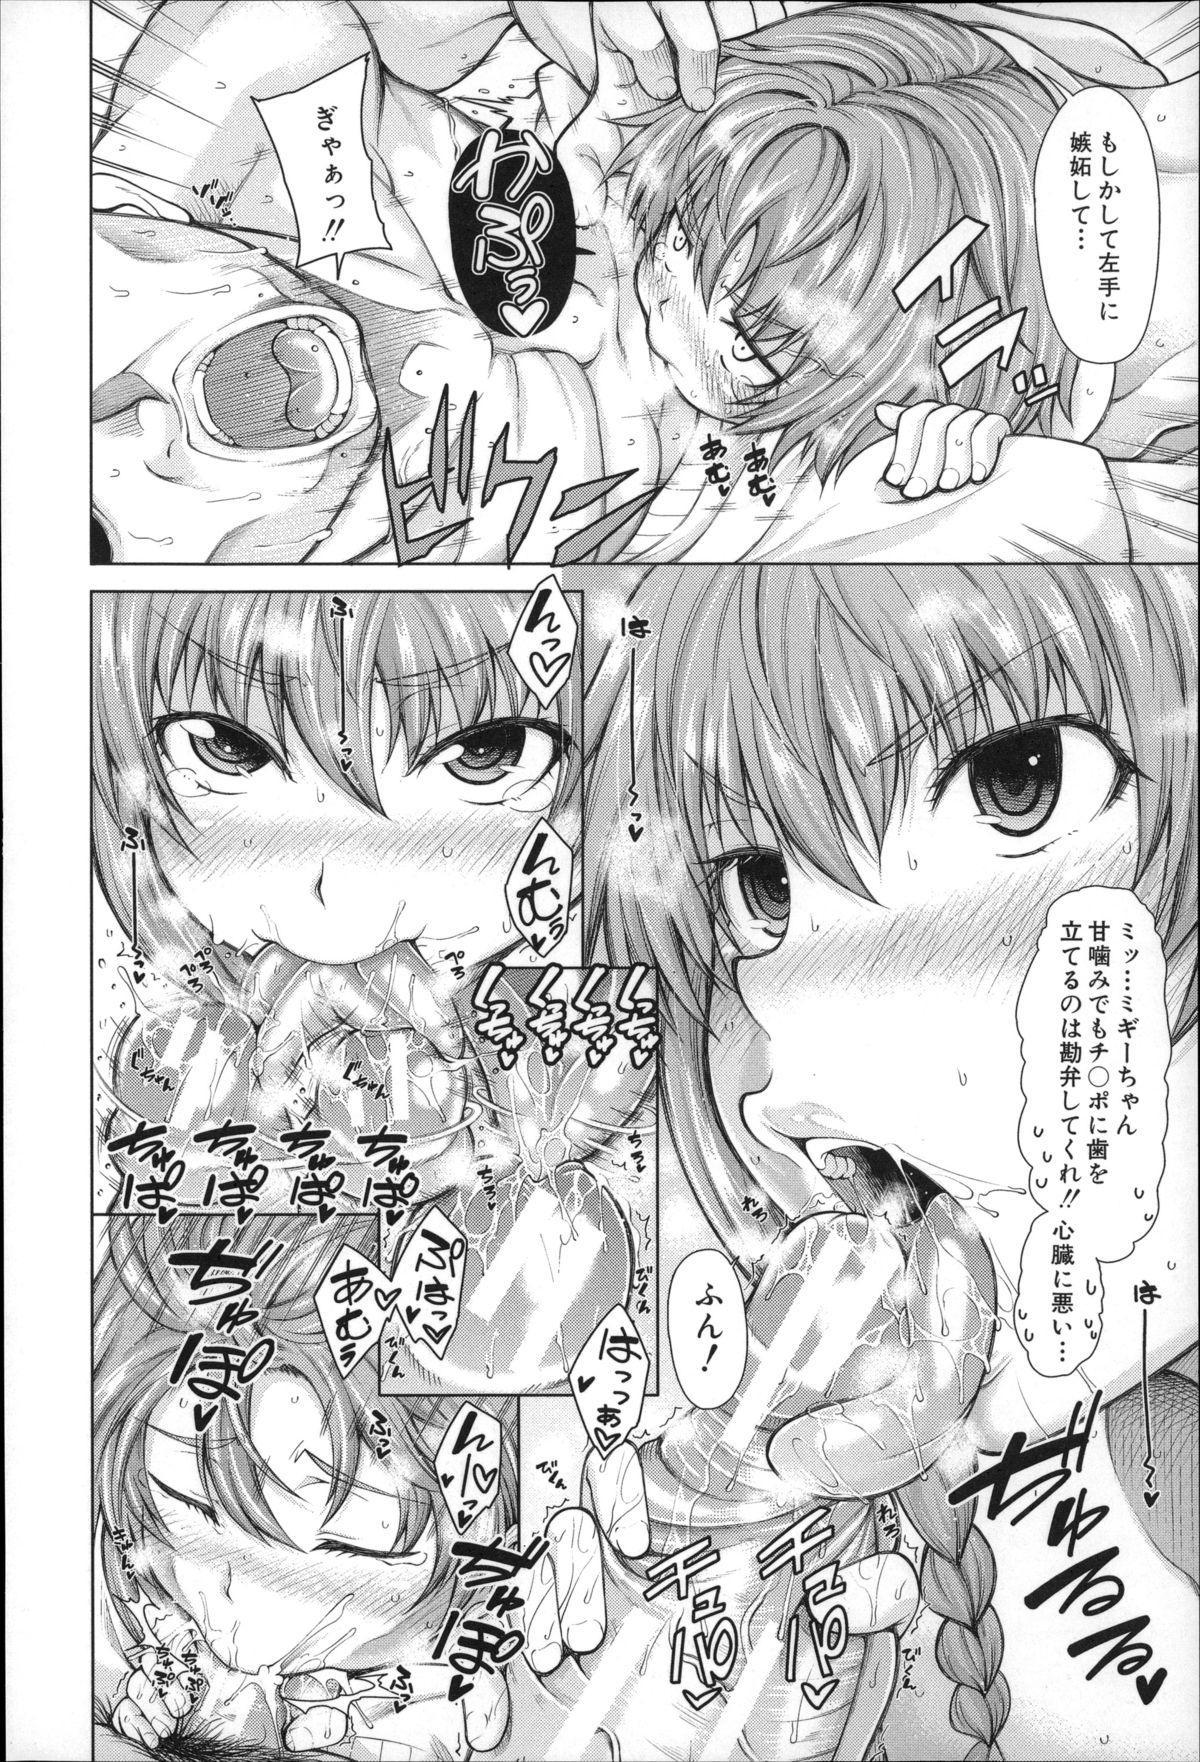 Migite ga Bishoujo ni Natta kara Sex Shita kedo Doutei dayone!! 20